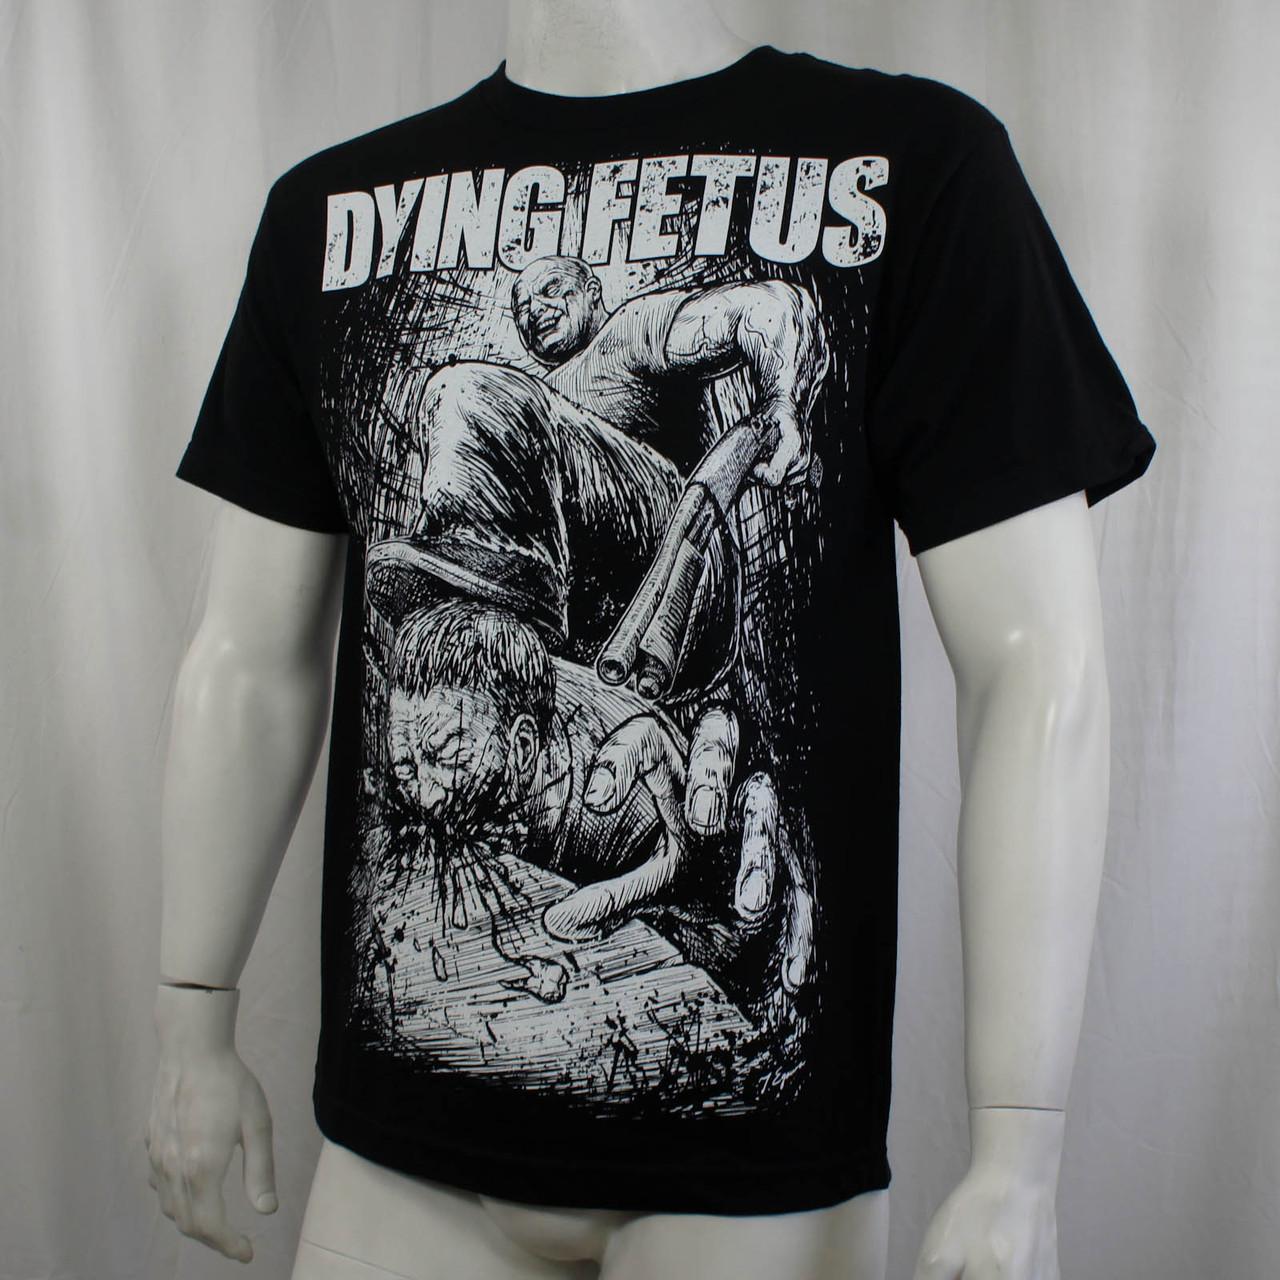 1e4a36cd84b7 Dying Fetus T-Shirt - Curb Stomp - Merch2rock Alternative Clothing